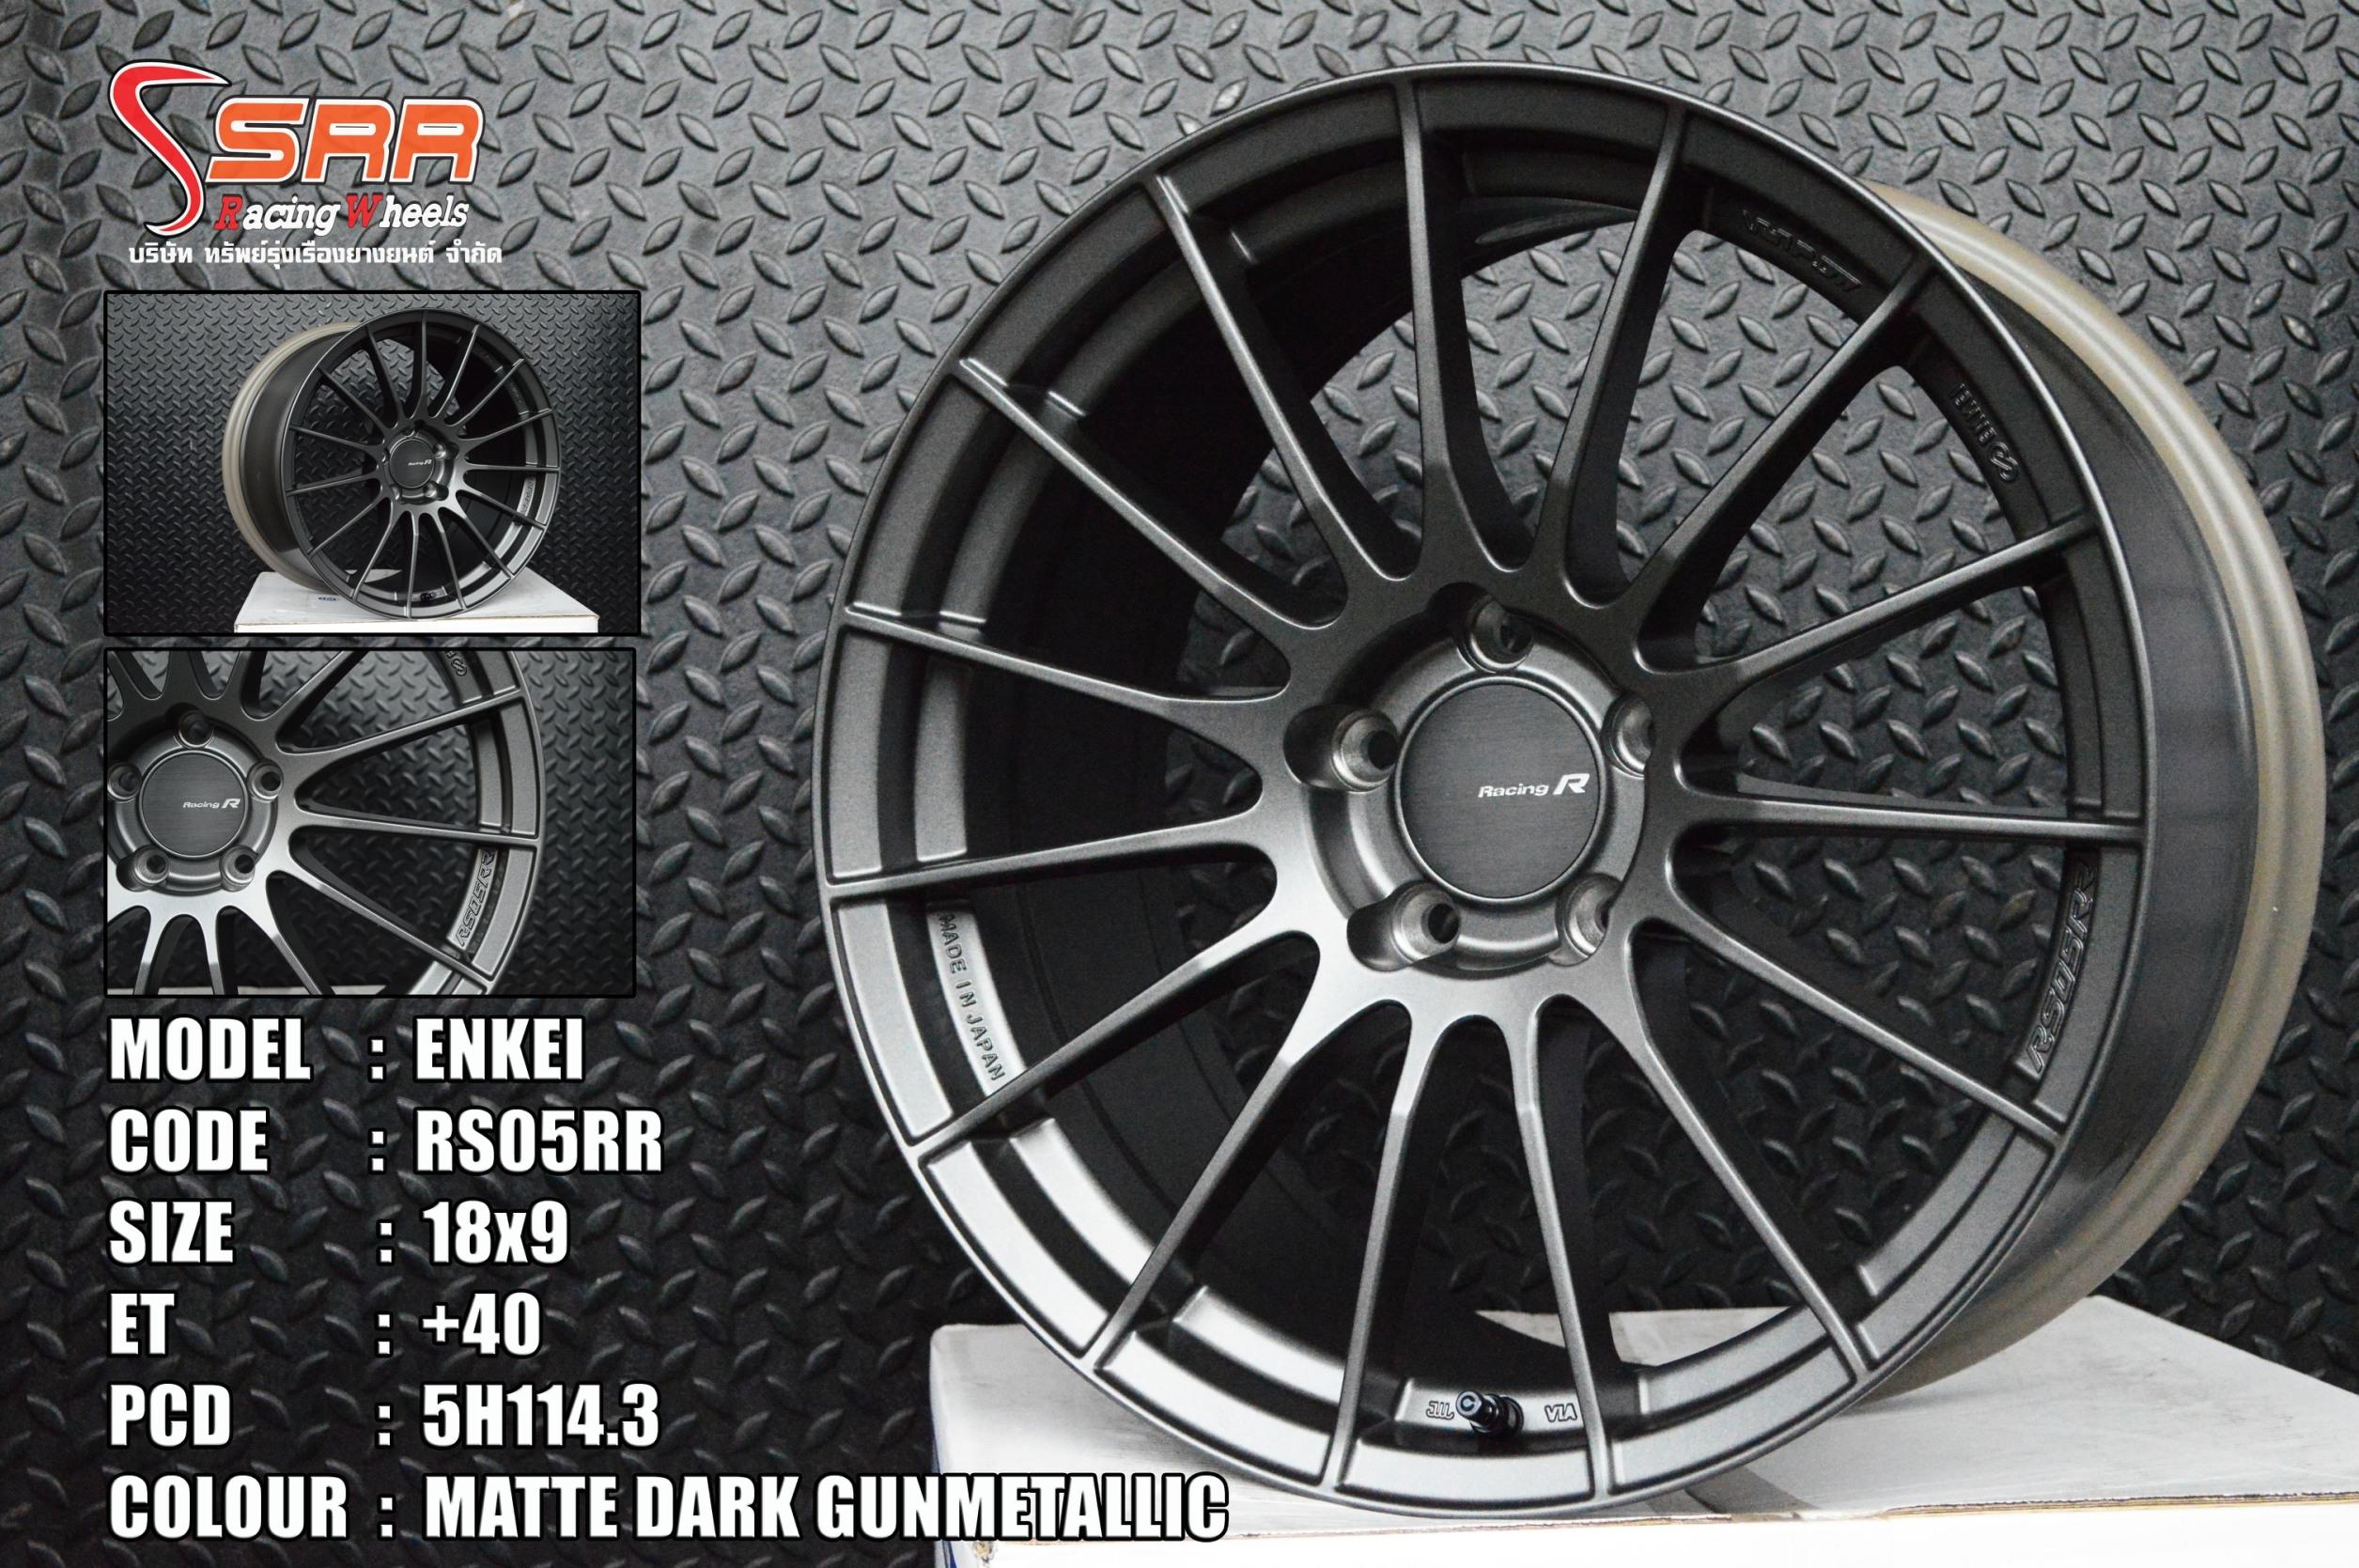 ล้อแท้ ENKEI RS05RR ขอบ18 ลดราคา